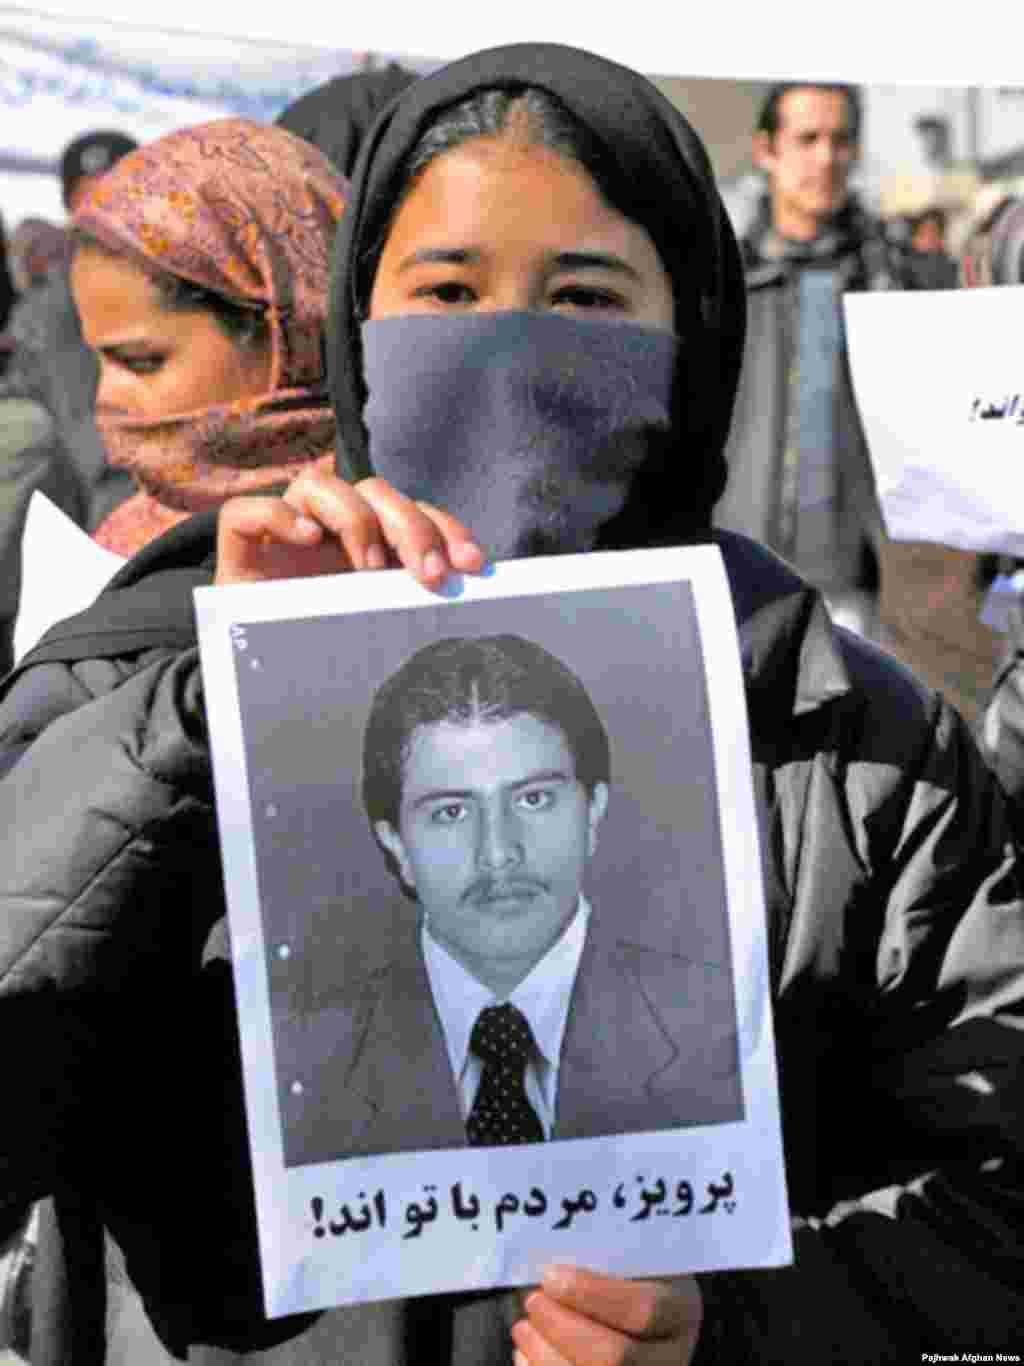 ژانویه: تظاهرات در شهر کابل در اعتراض به حکم اعدام برای سید پرویز کامبخش روزنامهنگار به جرم توهین به مقدسات